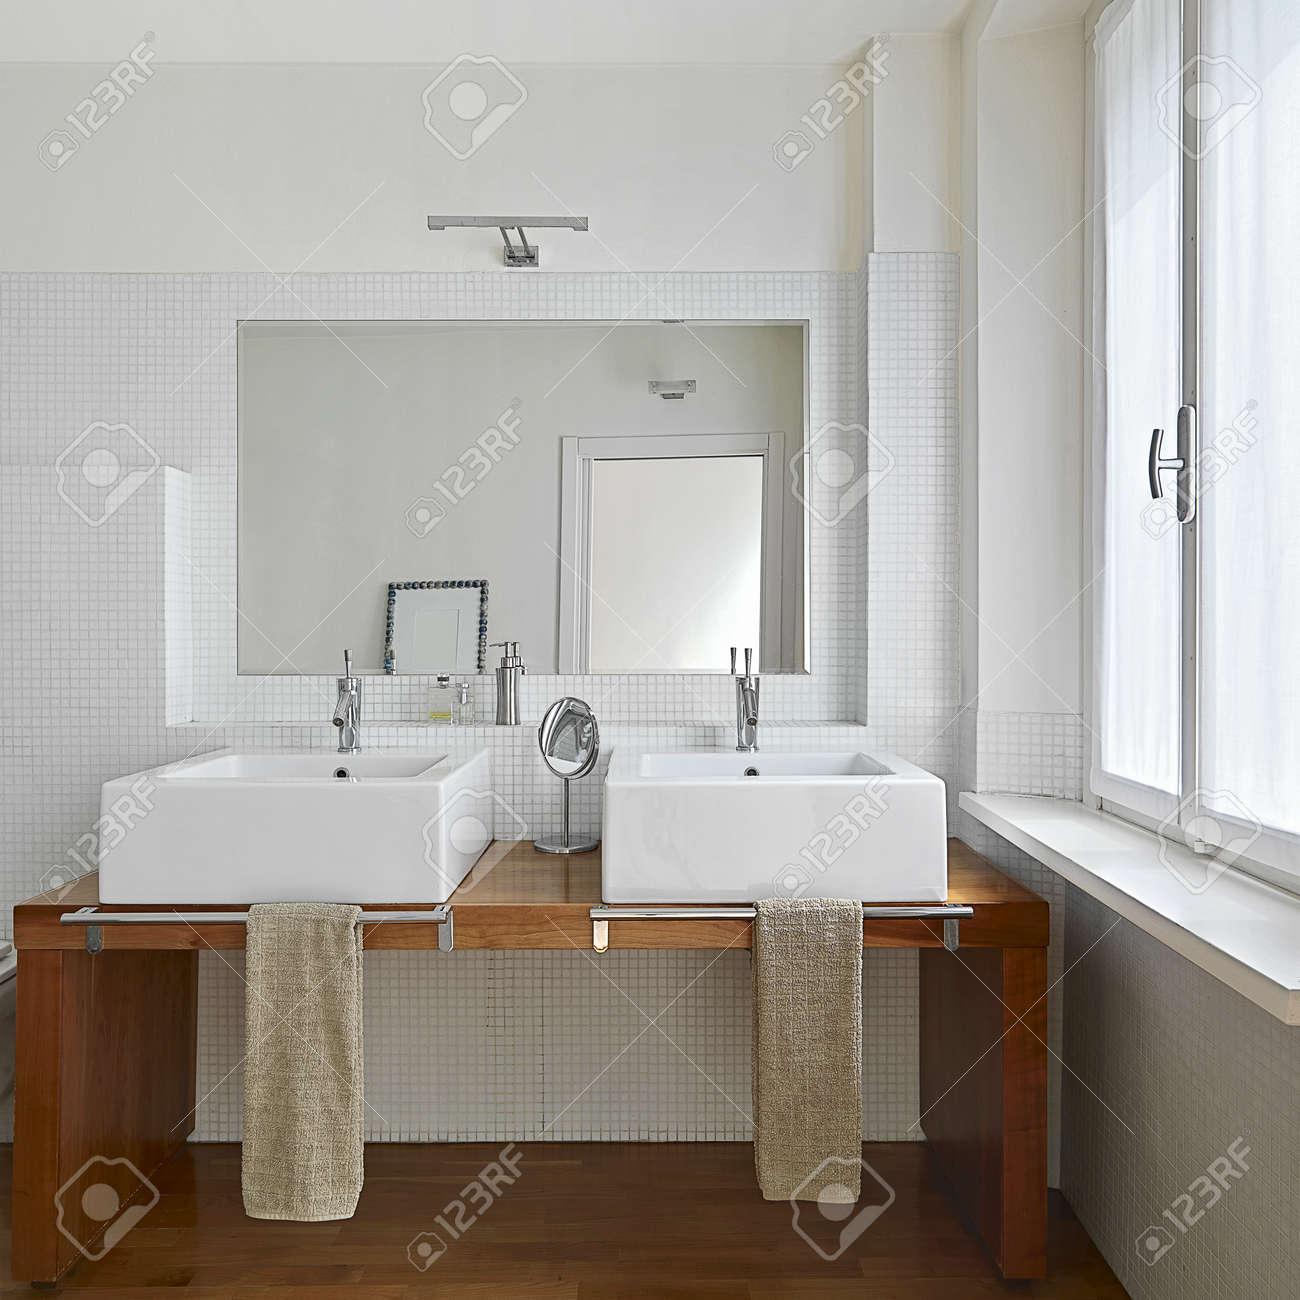 Bagno legno : legno bagno genius. bagni in legno massello. bagno ...